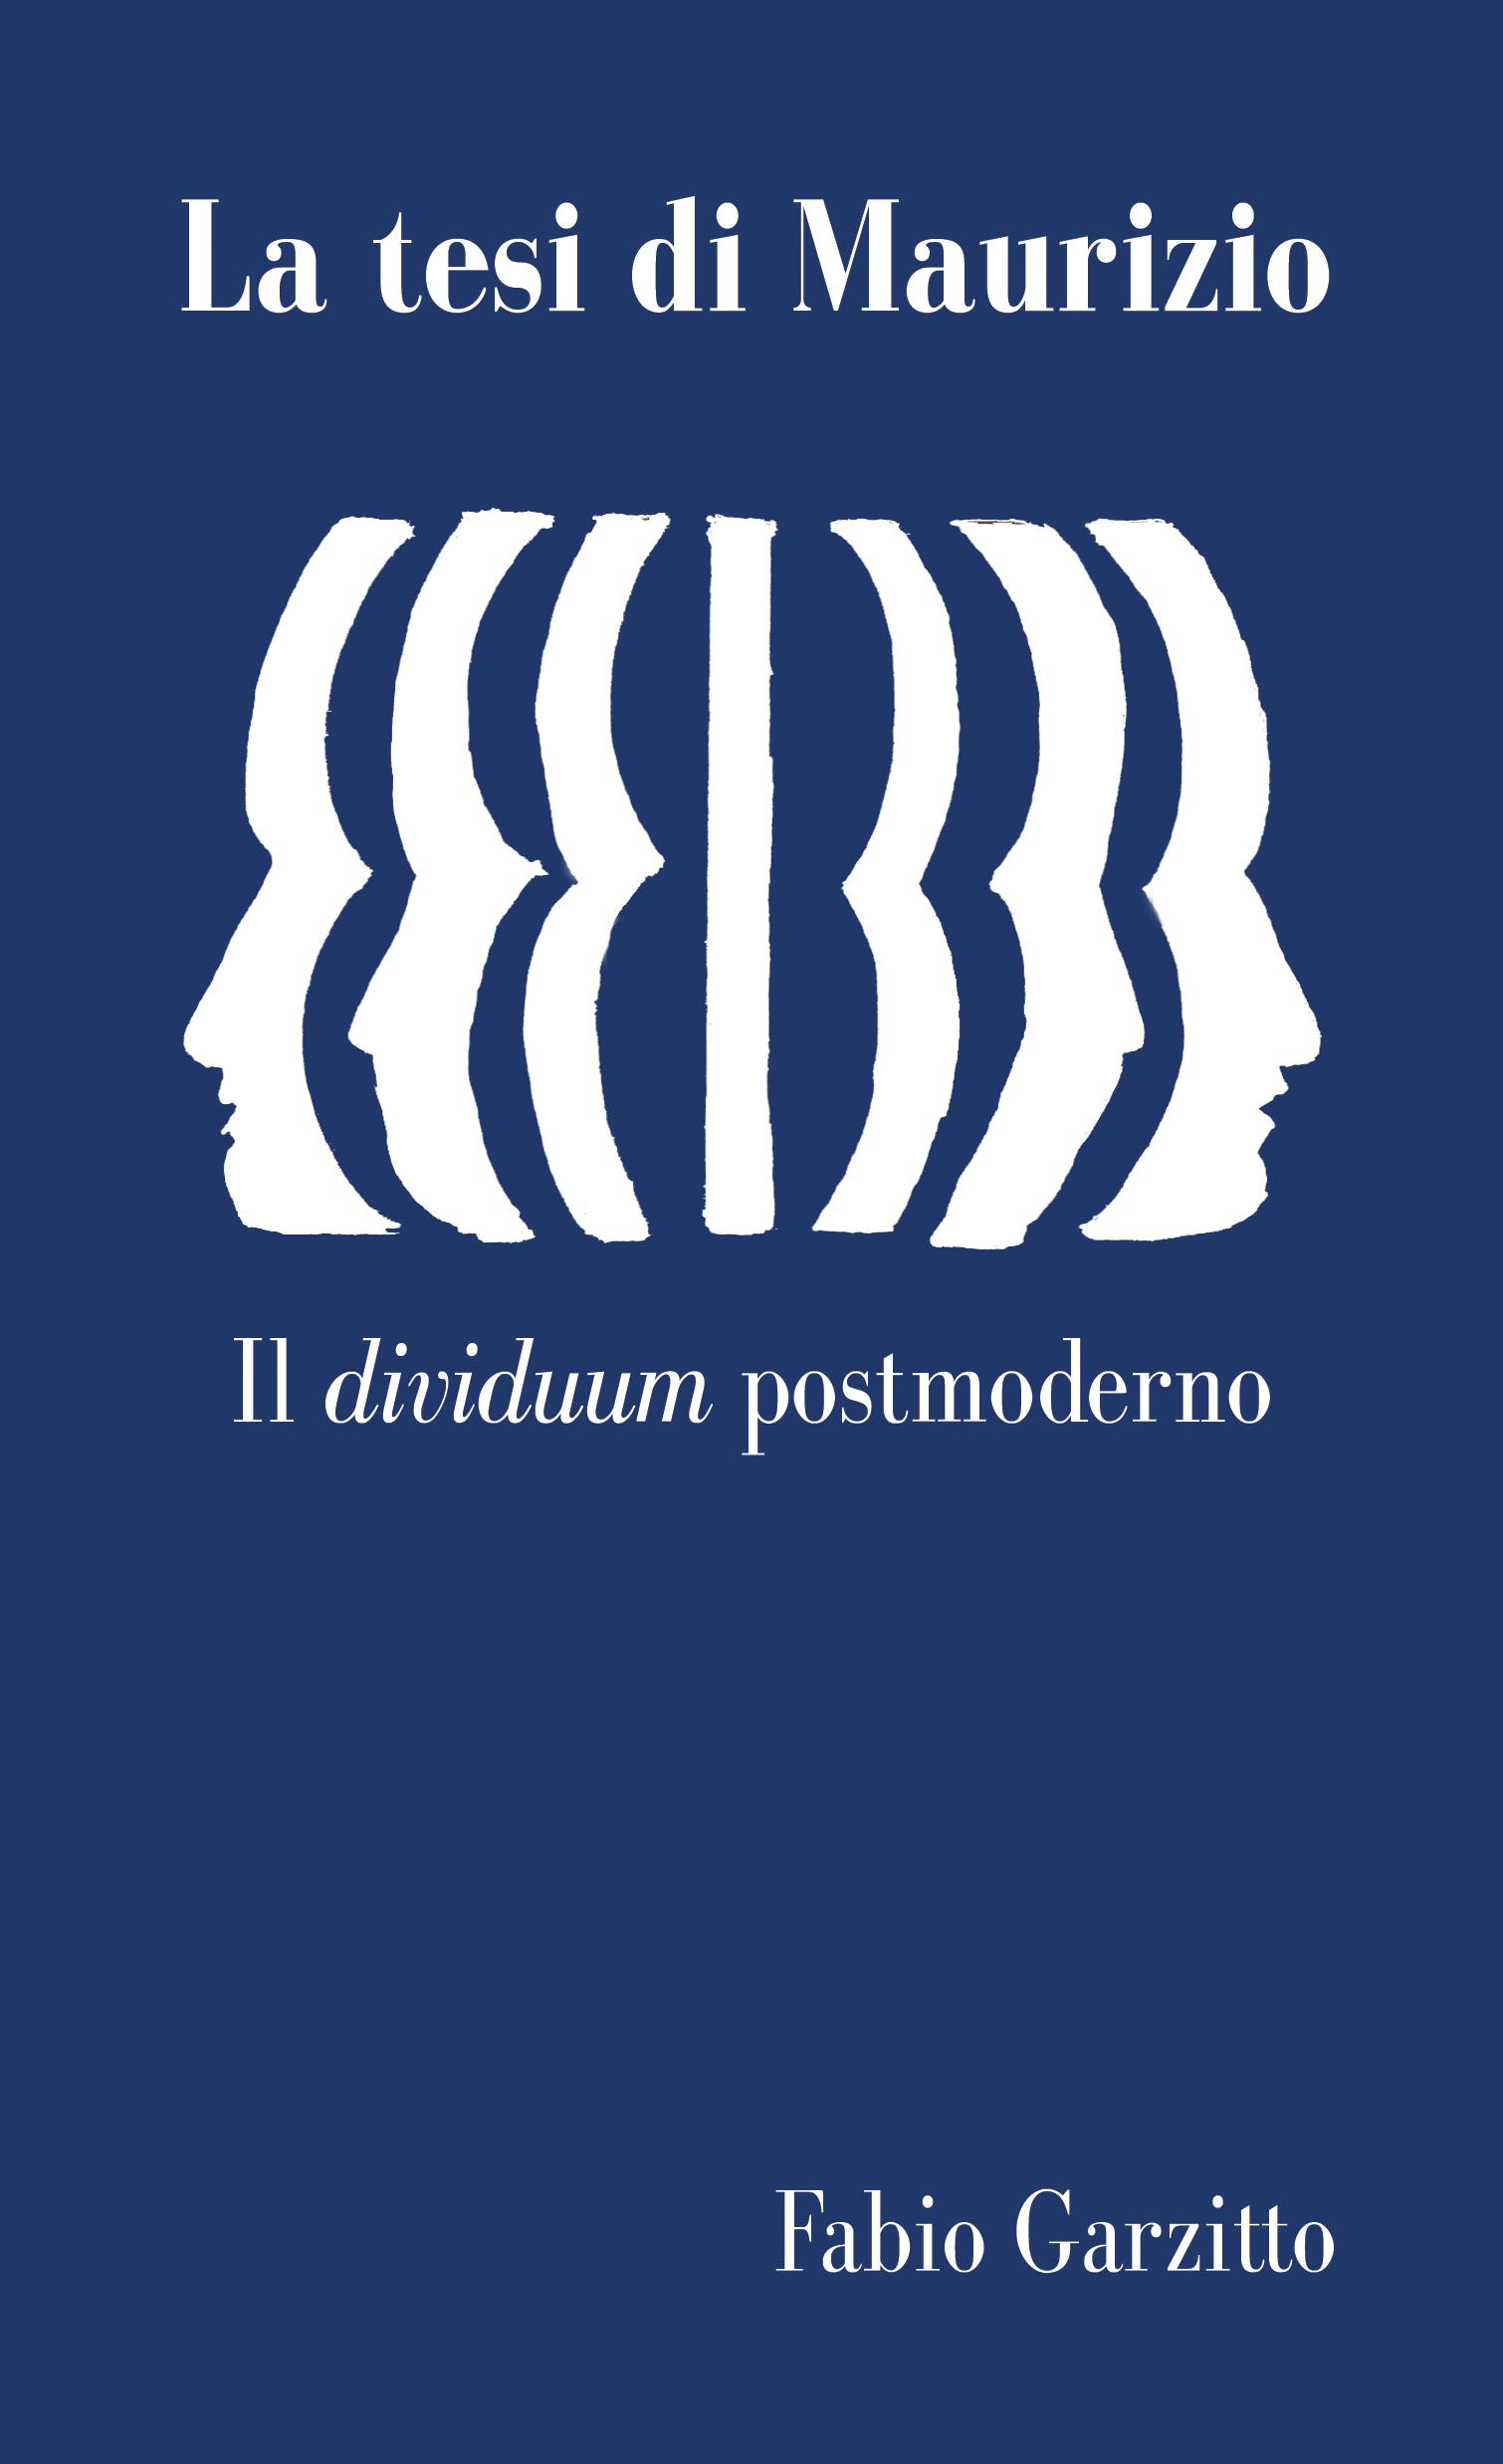 Immagine copertina La tesi di Maurizio